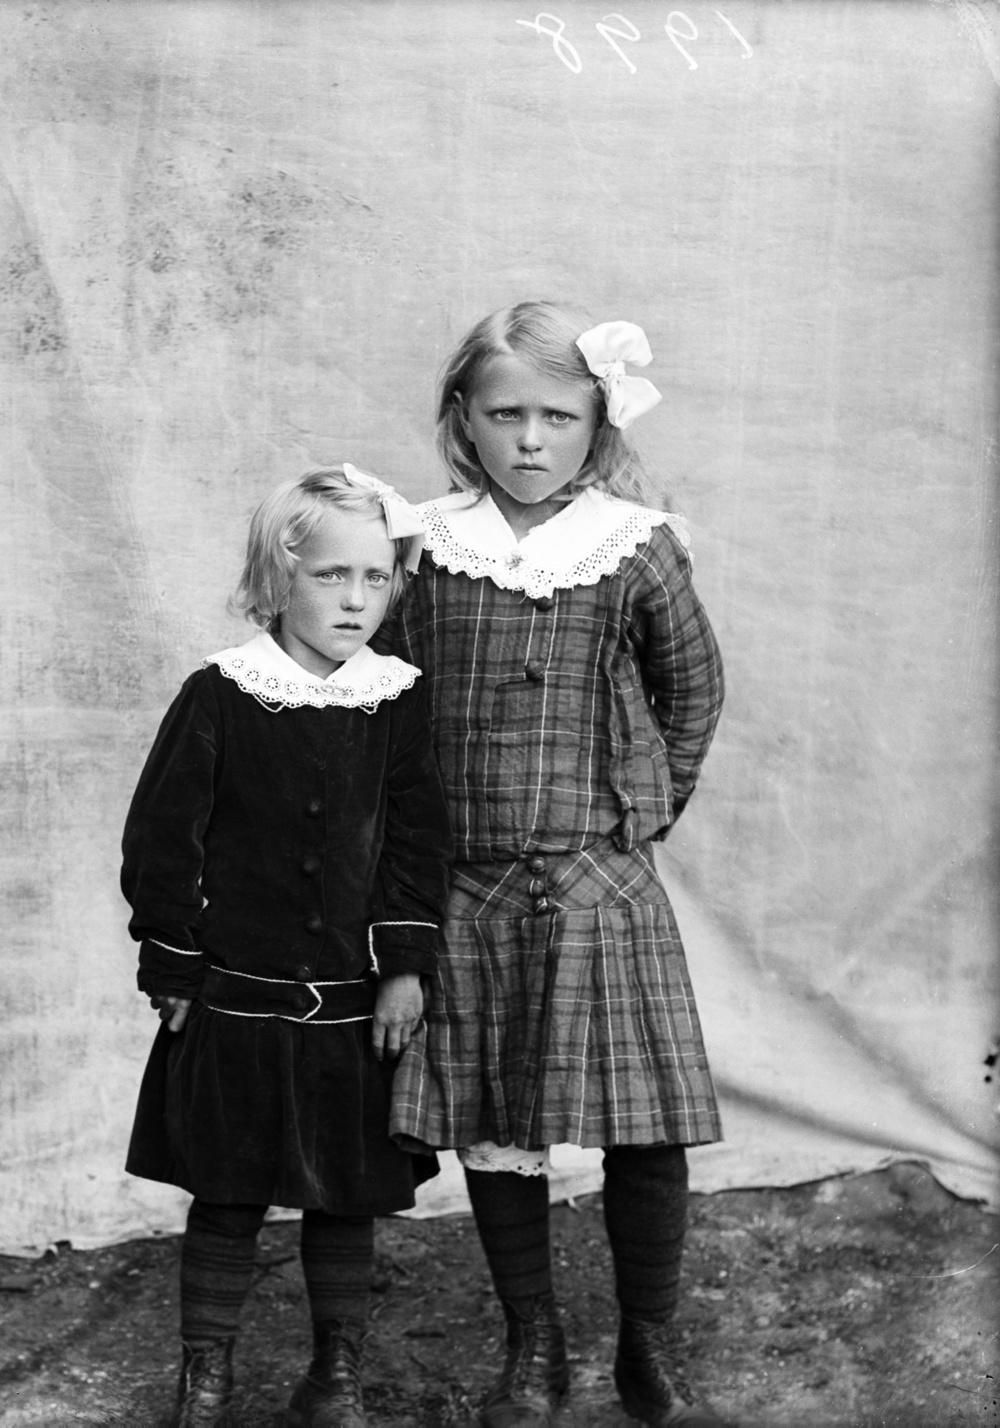 Pétur Leifsson, Little girls in Stykkishólmur, west Iceland, c. 1917.